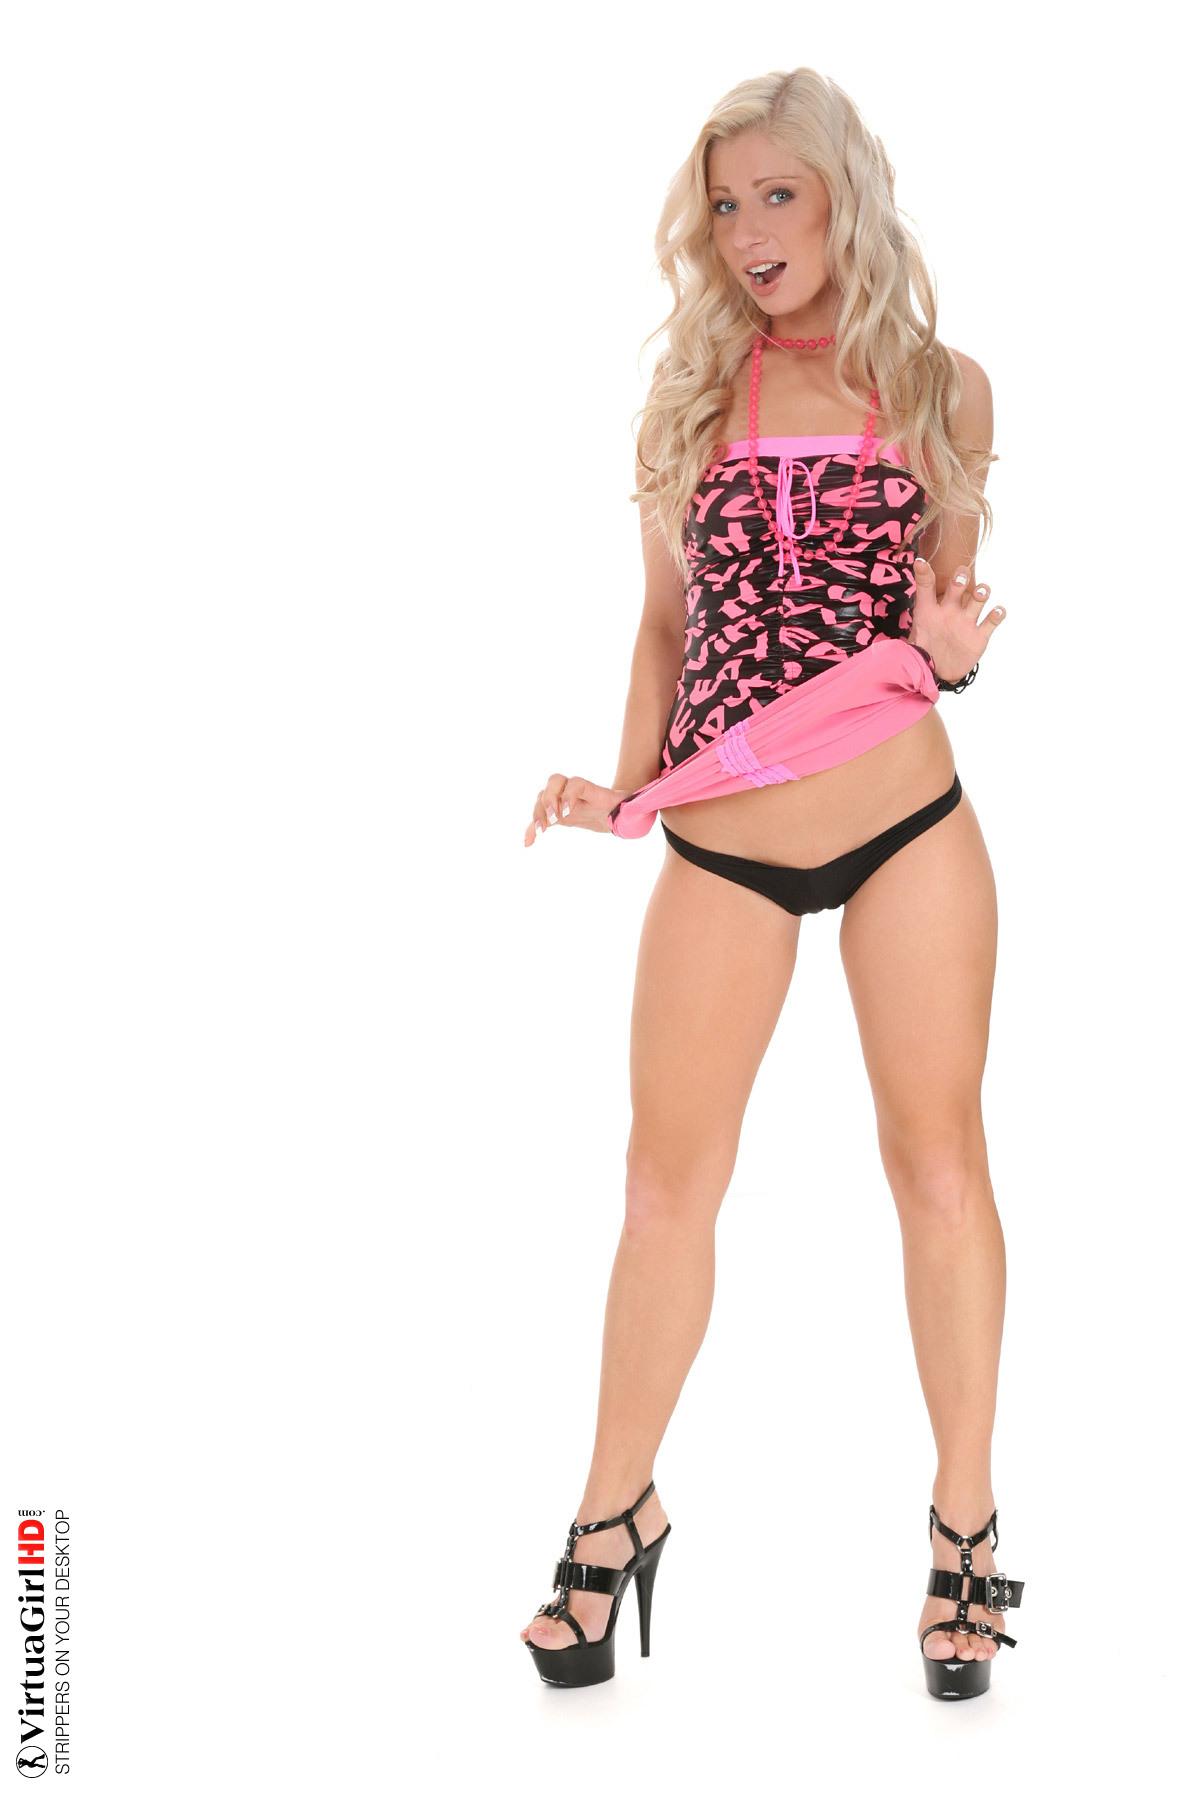 free stripper desktop online